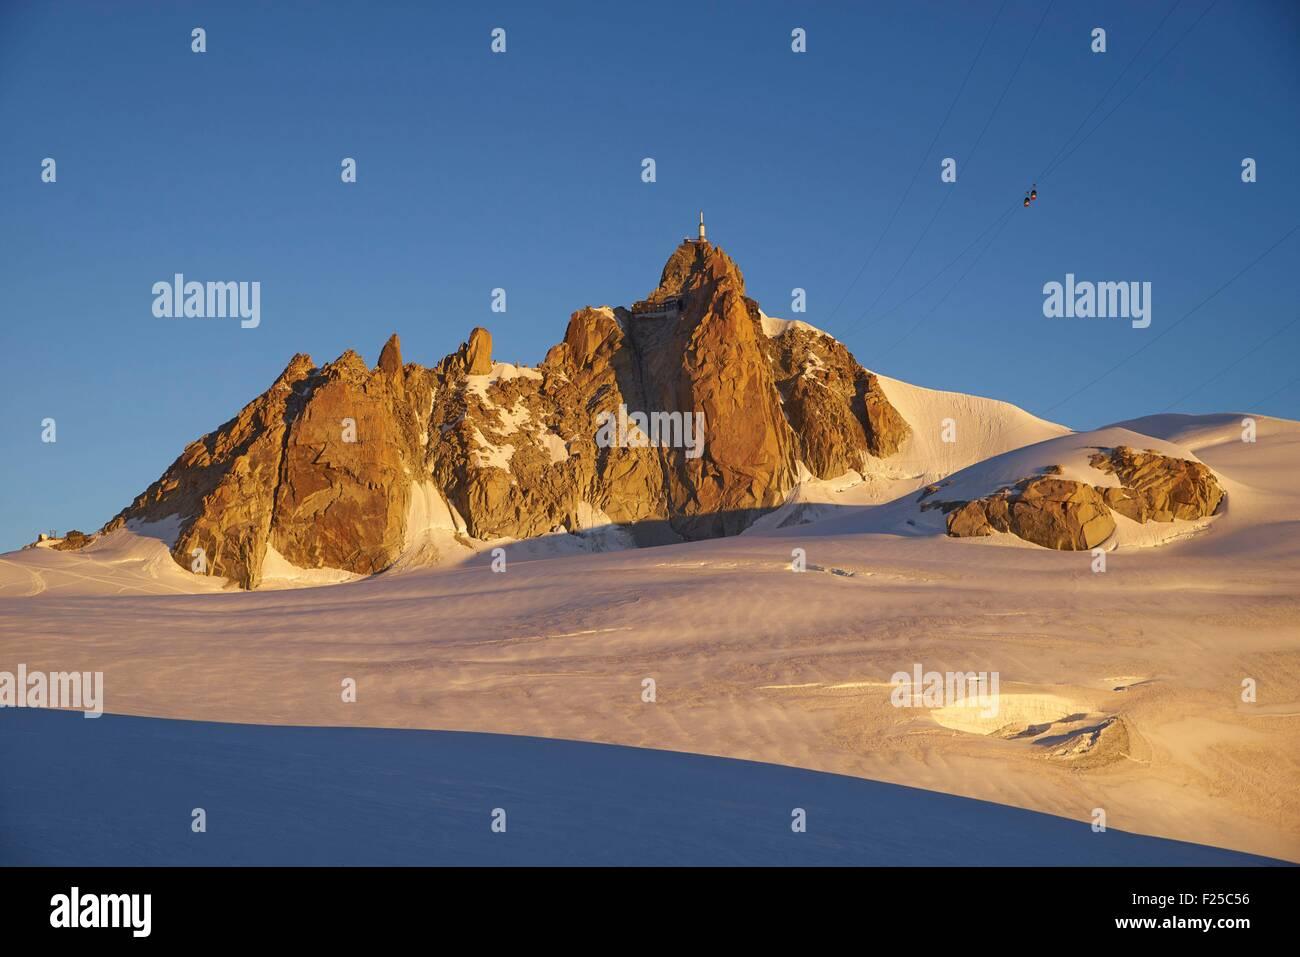 France, Haute Savoie, Chamonix, the aiguille du Midi (3848m) at sunrise, Mont Blanc range - Stock Image